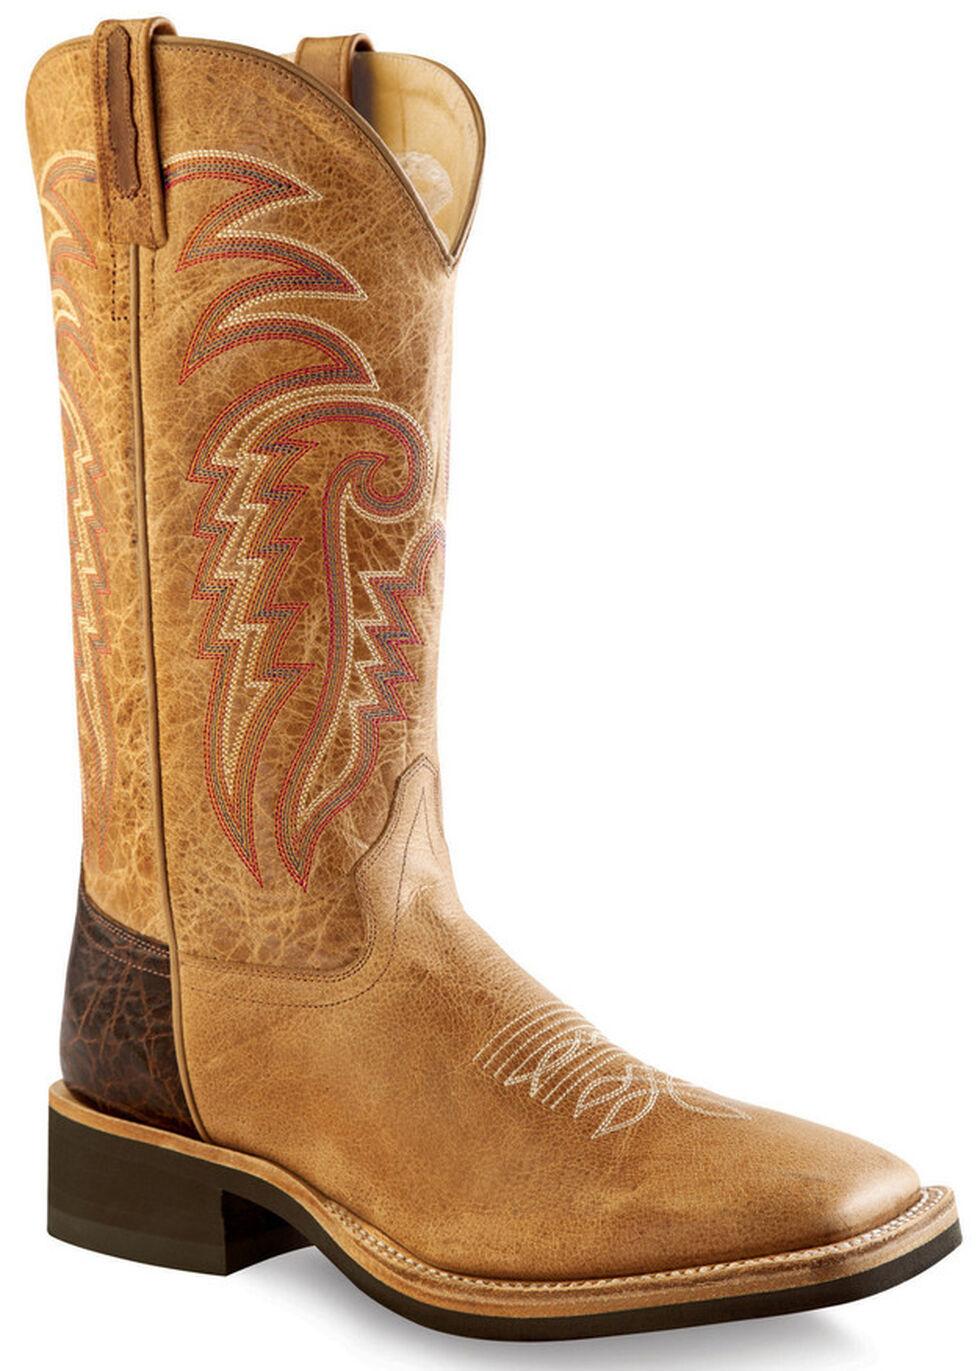 Old West Men's Tan Cowboy Boots - Square Toe , Tan, hi-res